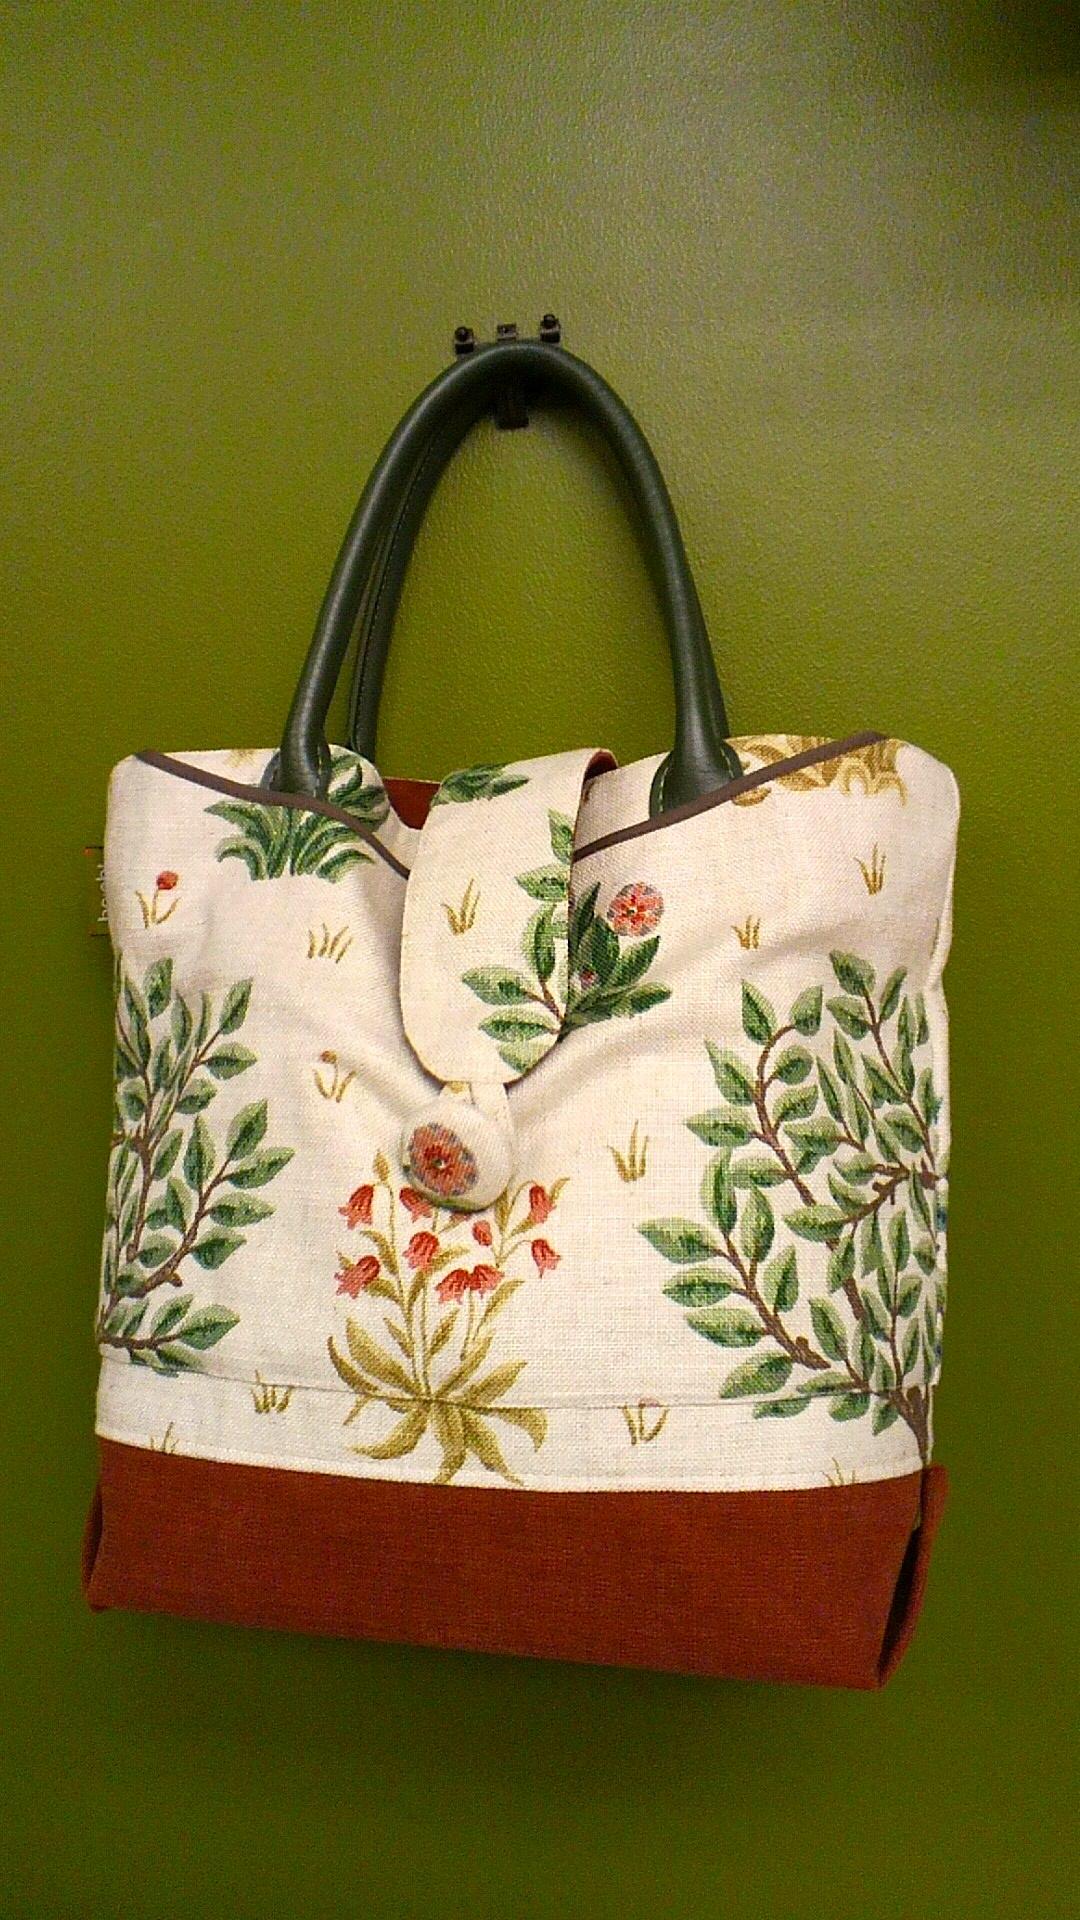 モリスのカーテン生地で作った「布バッグ」_c0157866_14335148.jpg